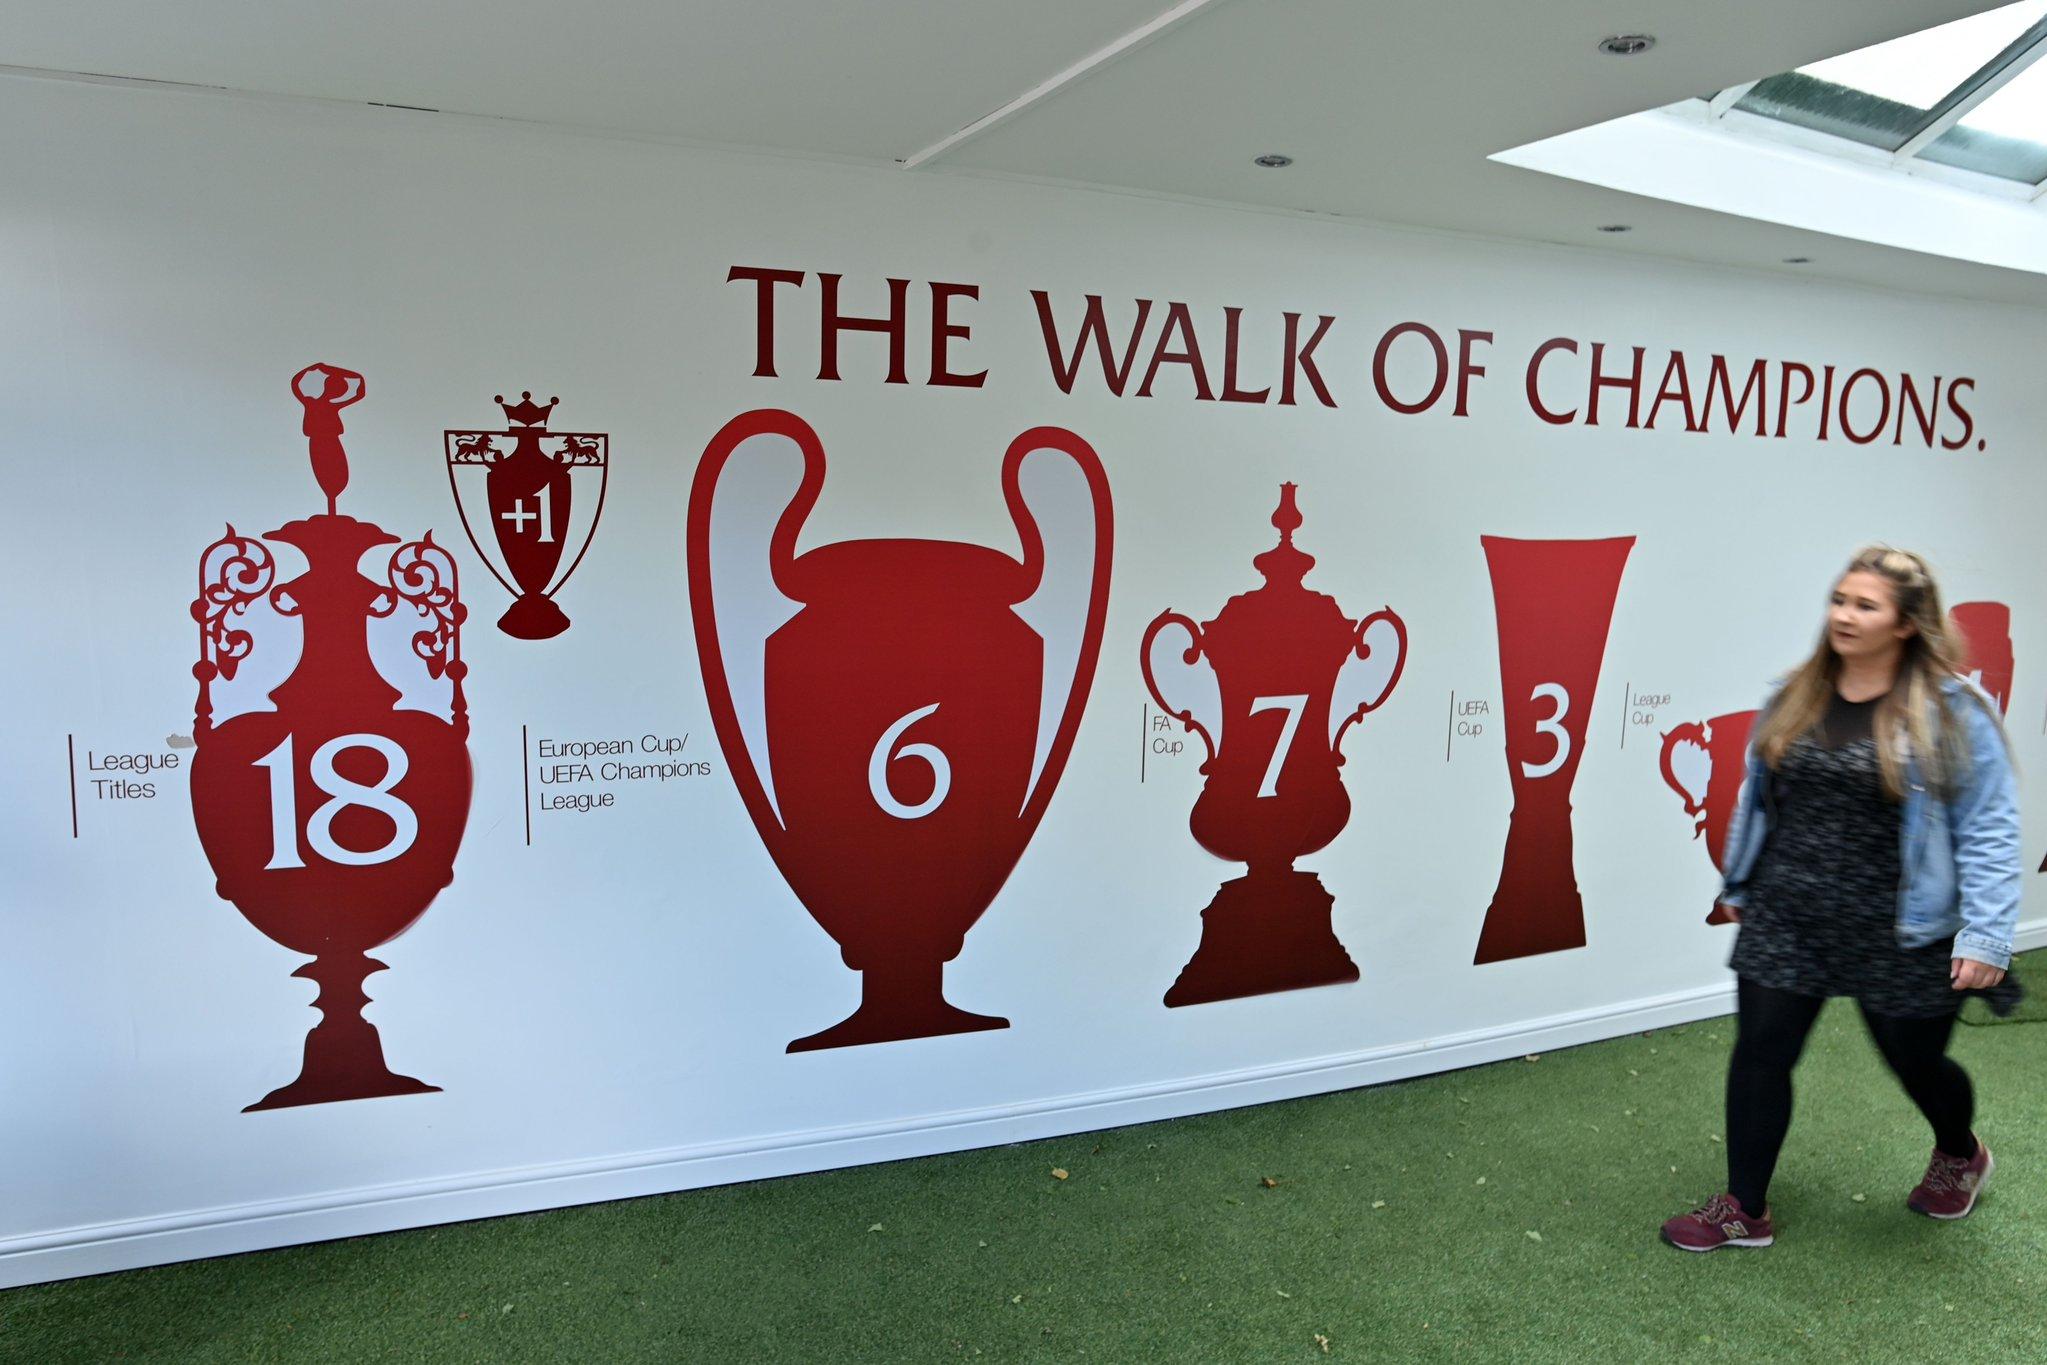 18 1!安菲尔德球场冠军墙更新,联赛冠军数 1